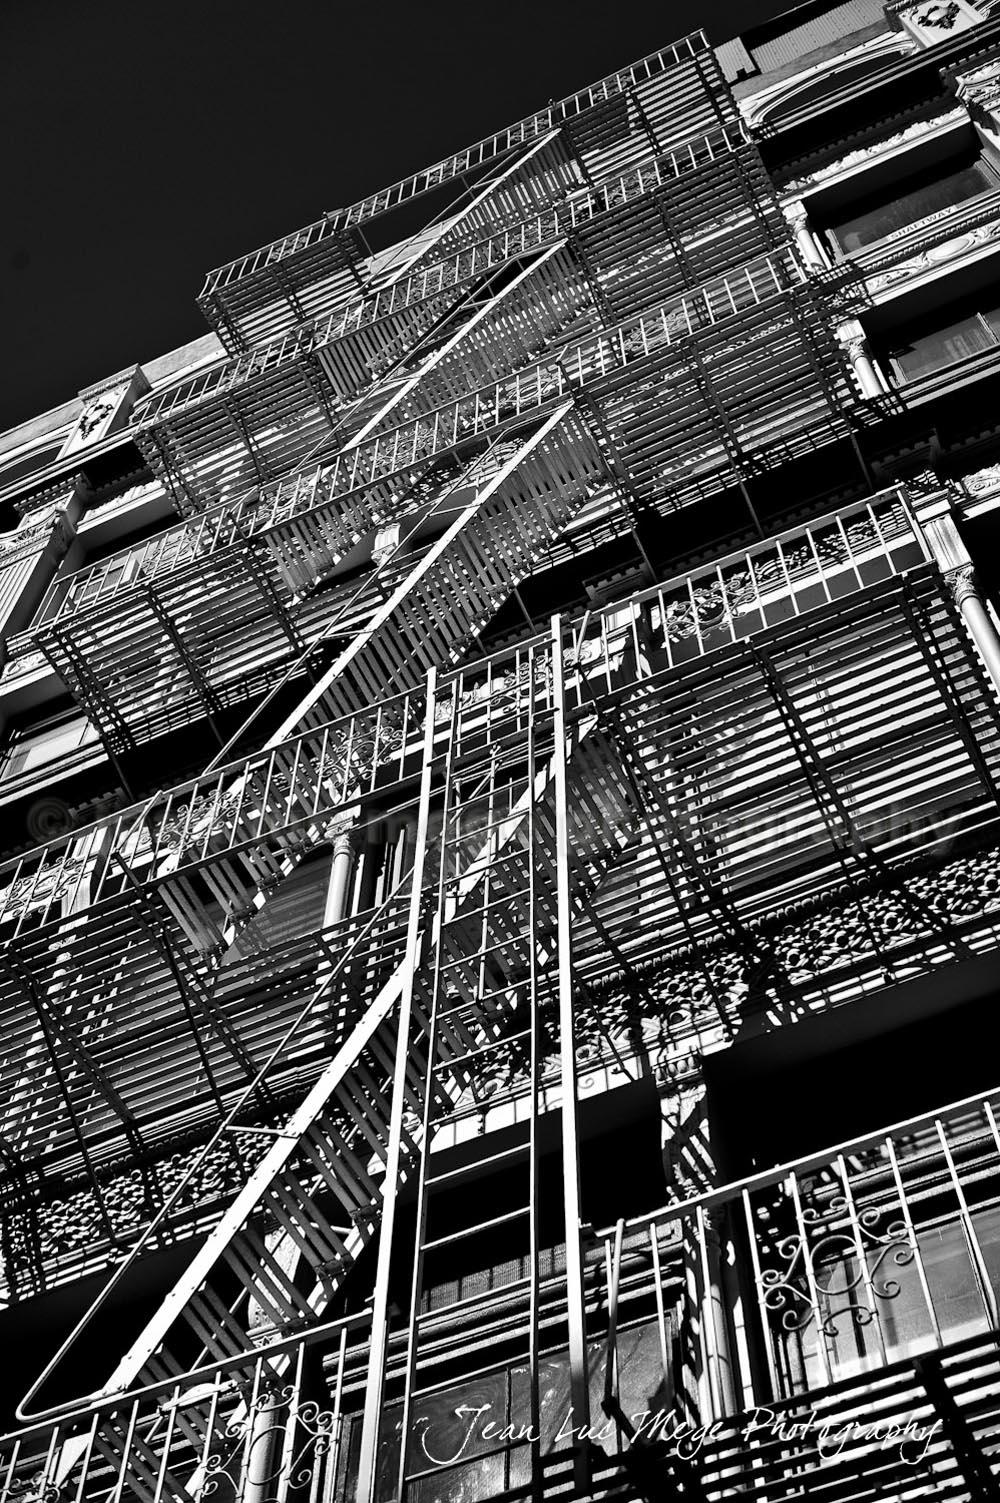 Architecture-jluc-mege010.jpg